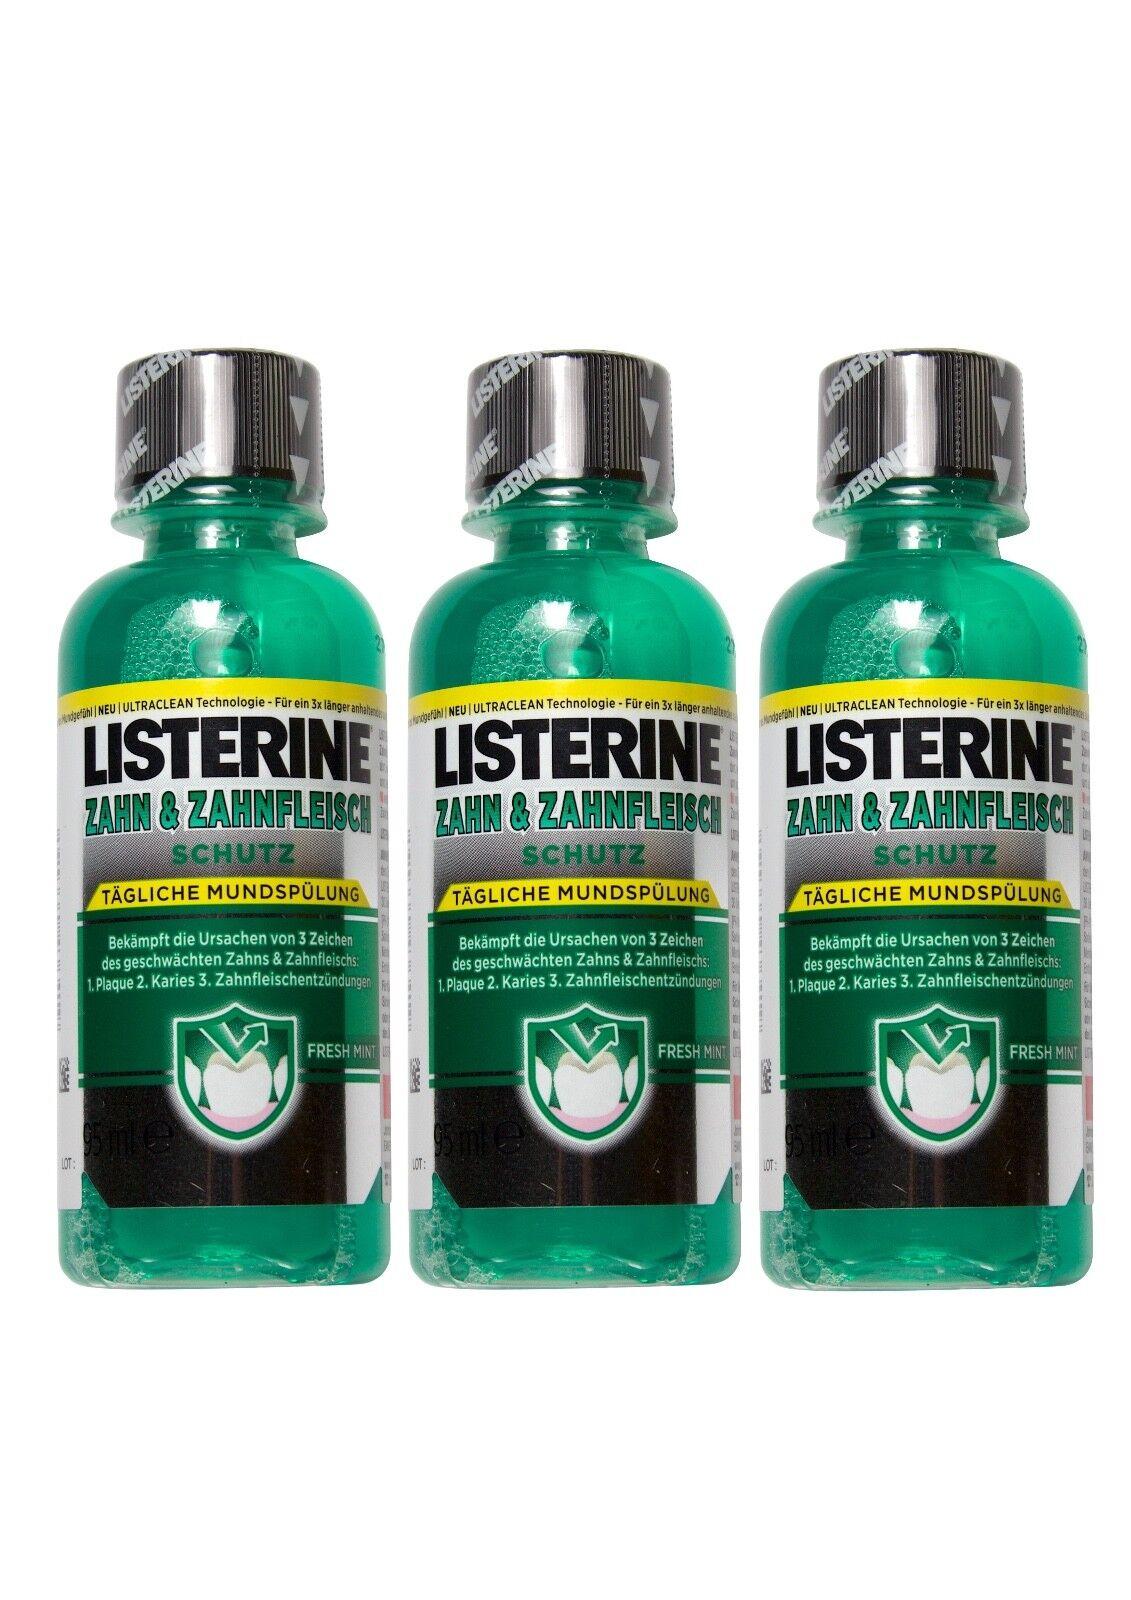 3x Listerine Zahn & Zahnfleischschutz Lösung 95ml PZN 9013346 Probier Reisegröße